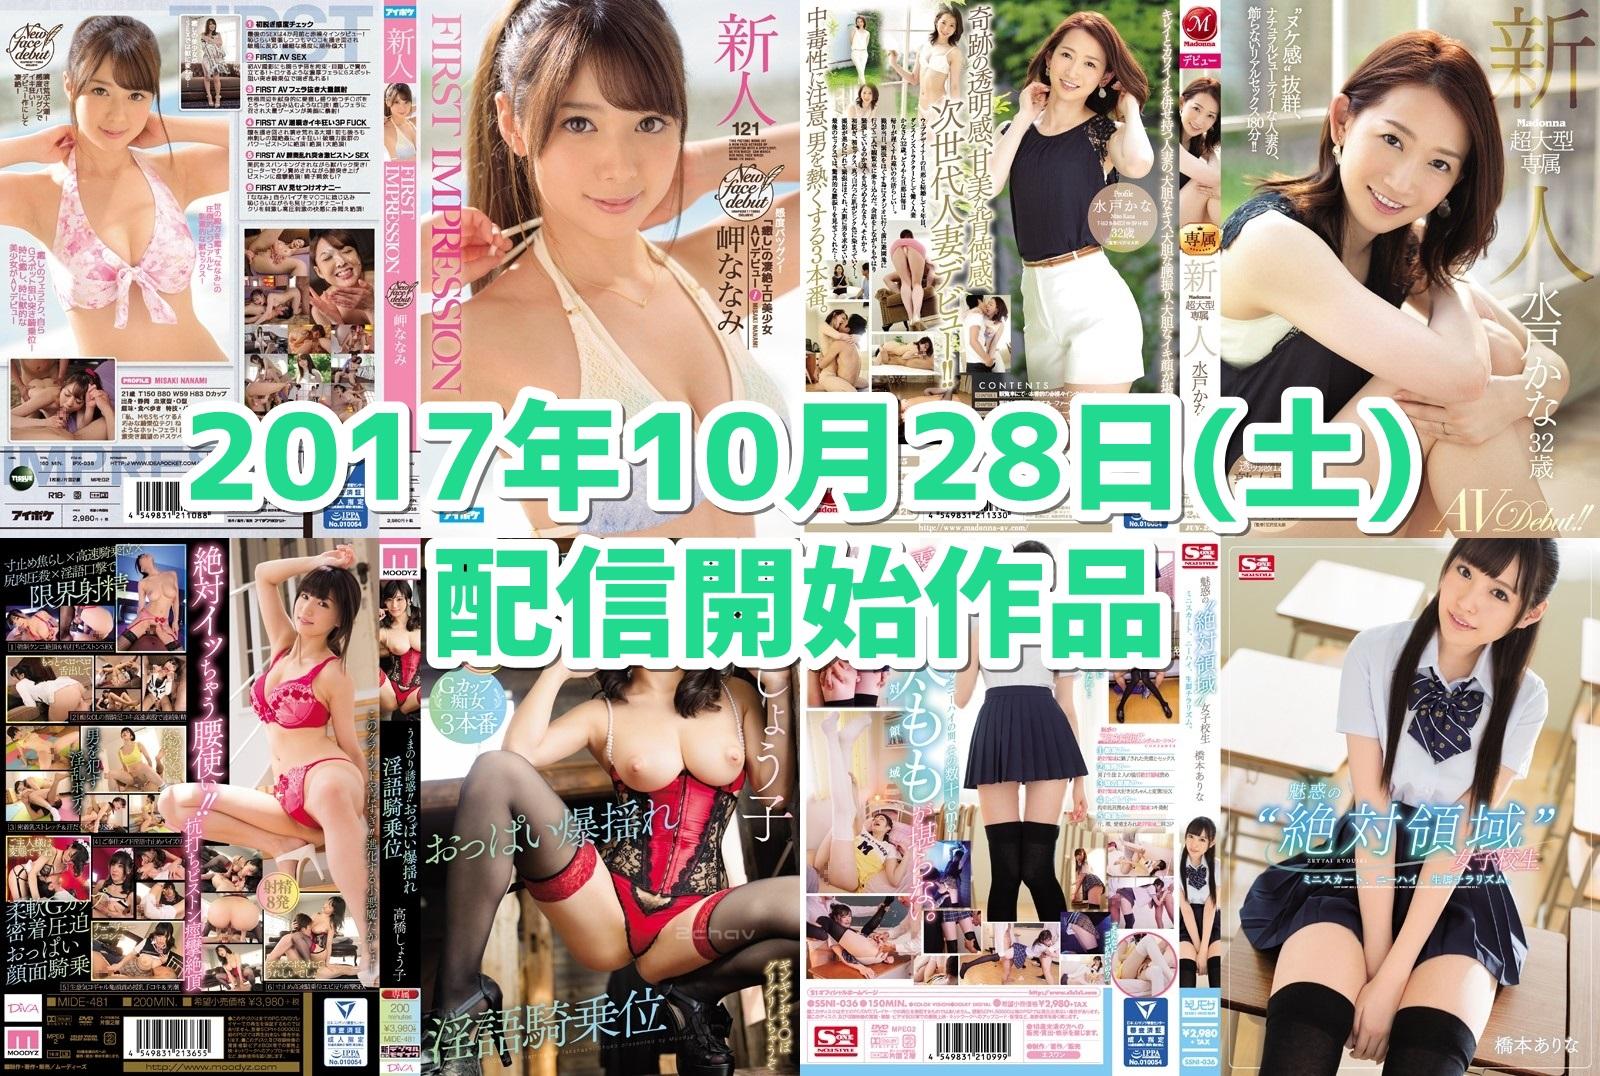 ipx00035pl-tile.jpg